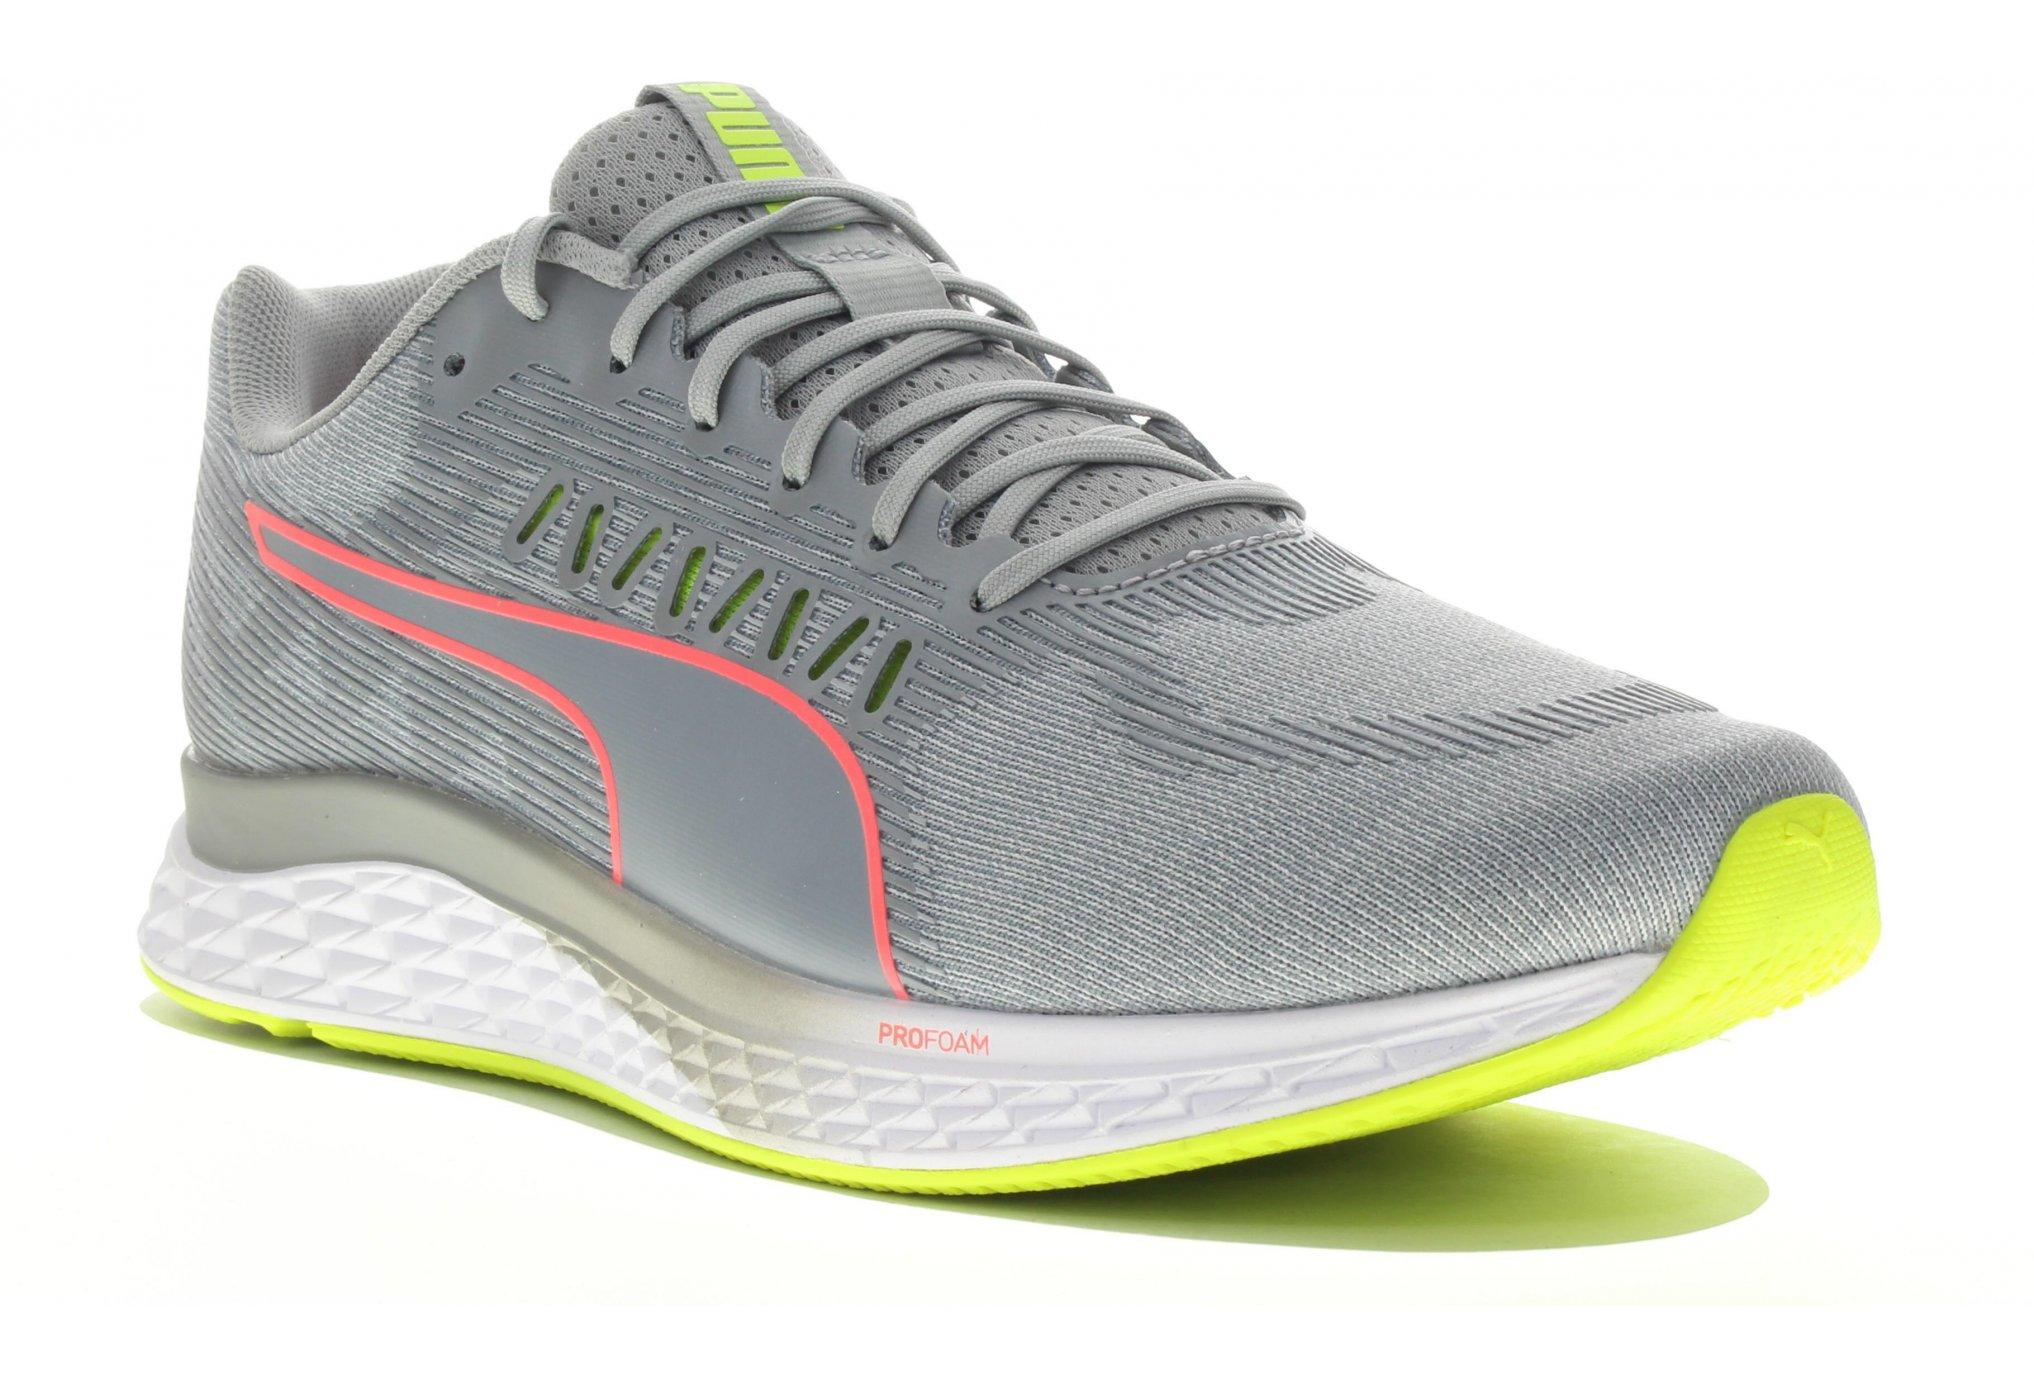 Puma Speed Sutamina W Chaussures running femme